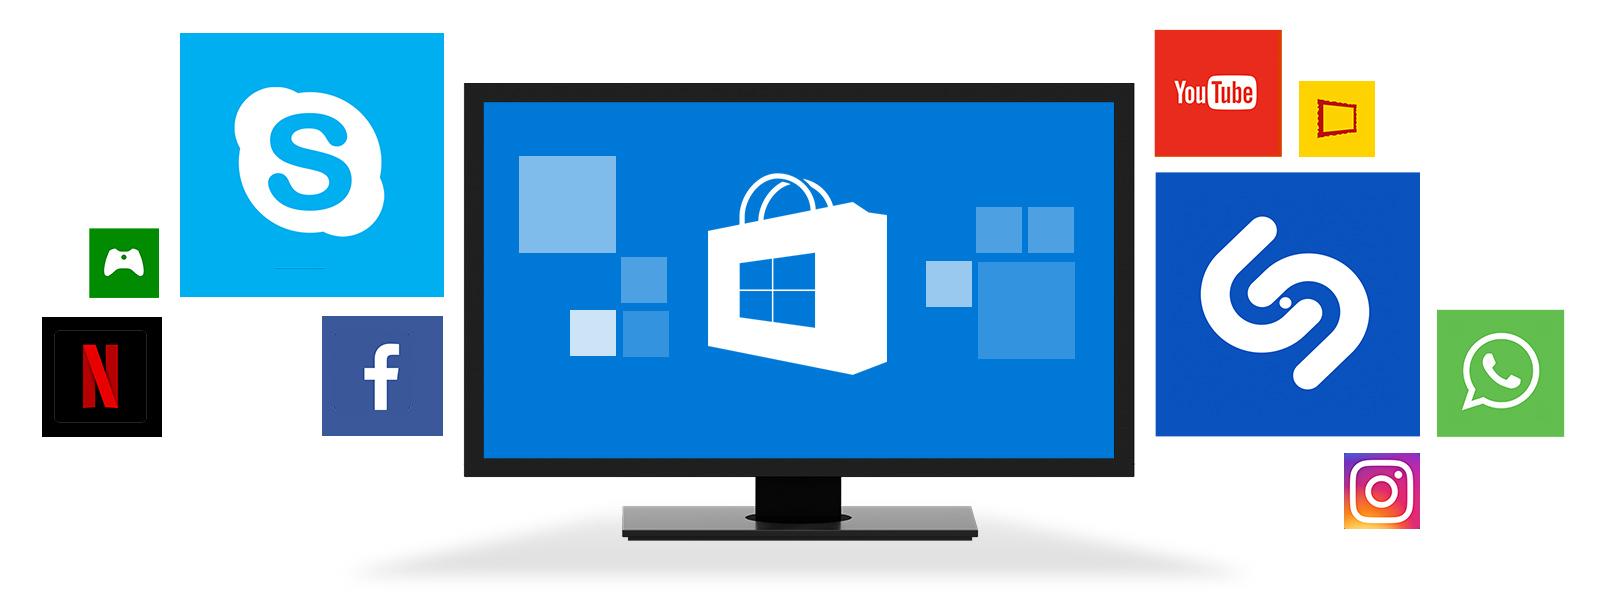 Windowsos készülék körülötte lebegő alkalmazáscsempékkel